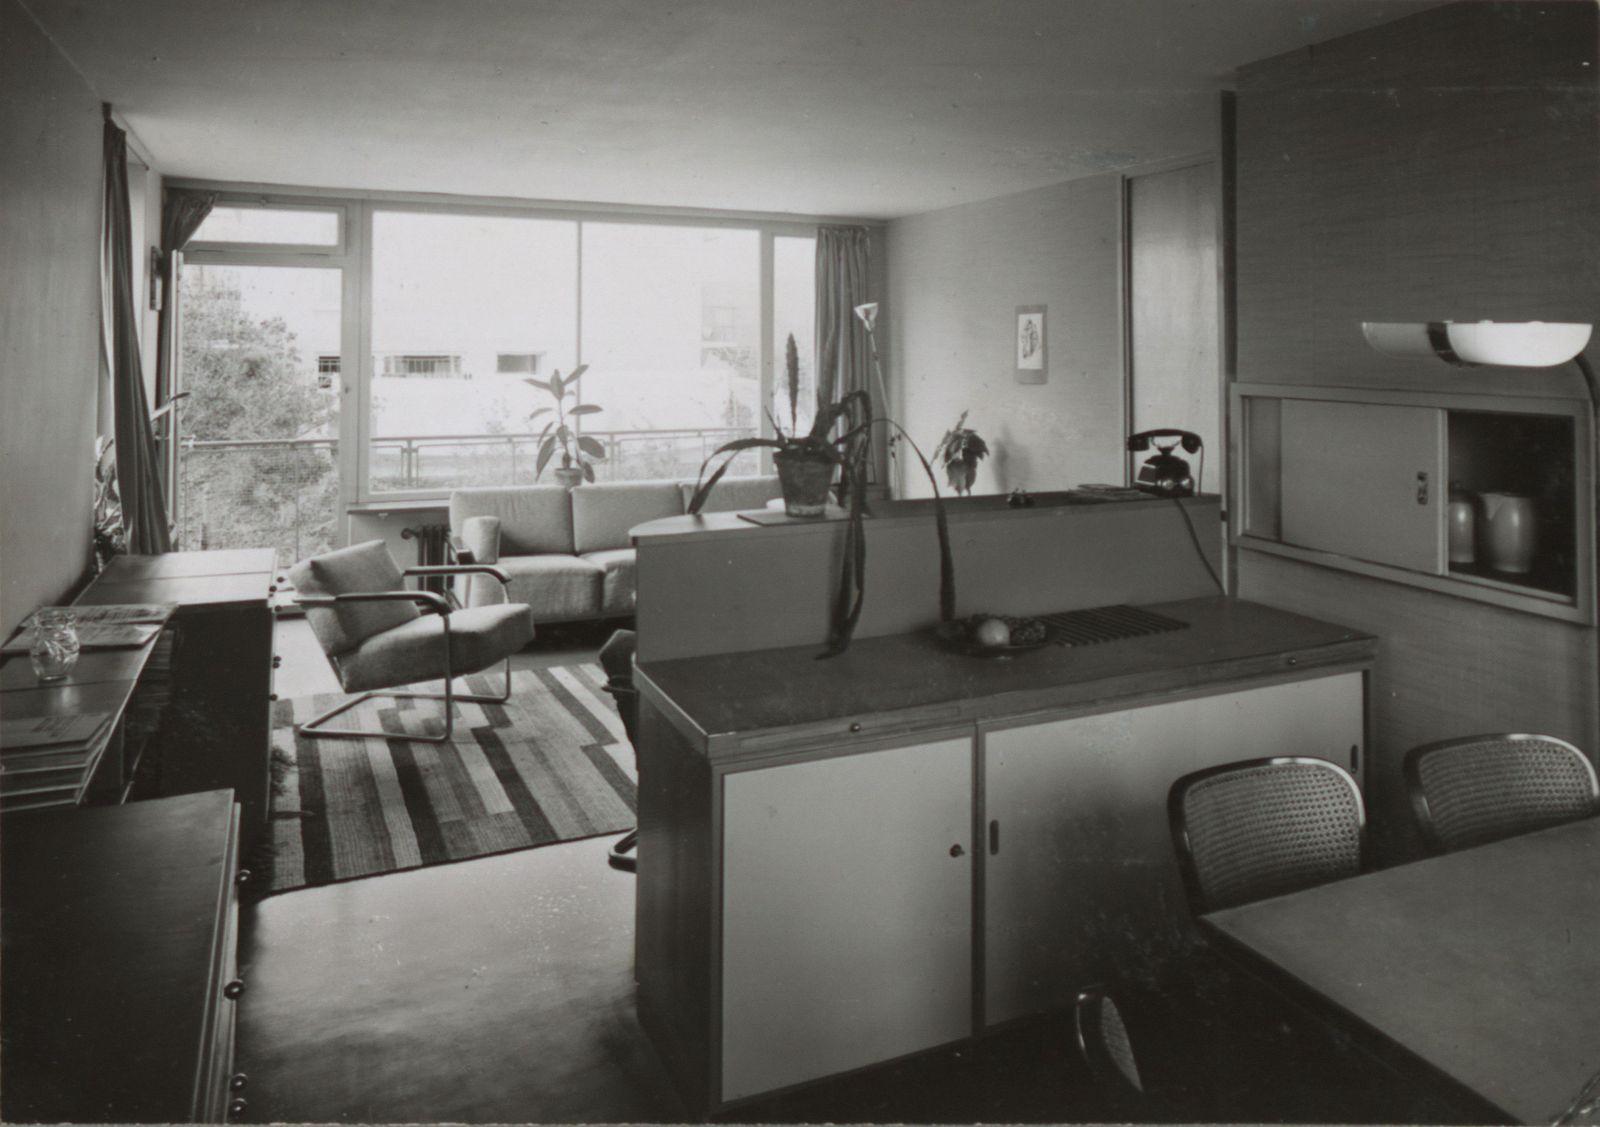 Pokój z balkonem w budynku typu N, łączący funkcję pokoju dziennego i jadalni ©gta Archives/ETH Zurich (holding Haefeli, Moser, Steiger) (źródło: materiały prasowe organizatora)